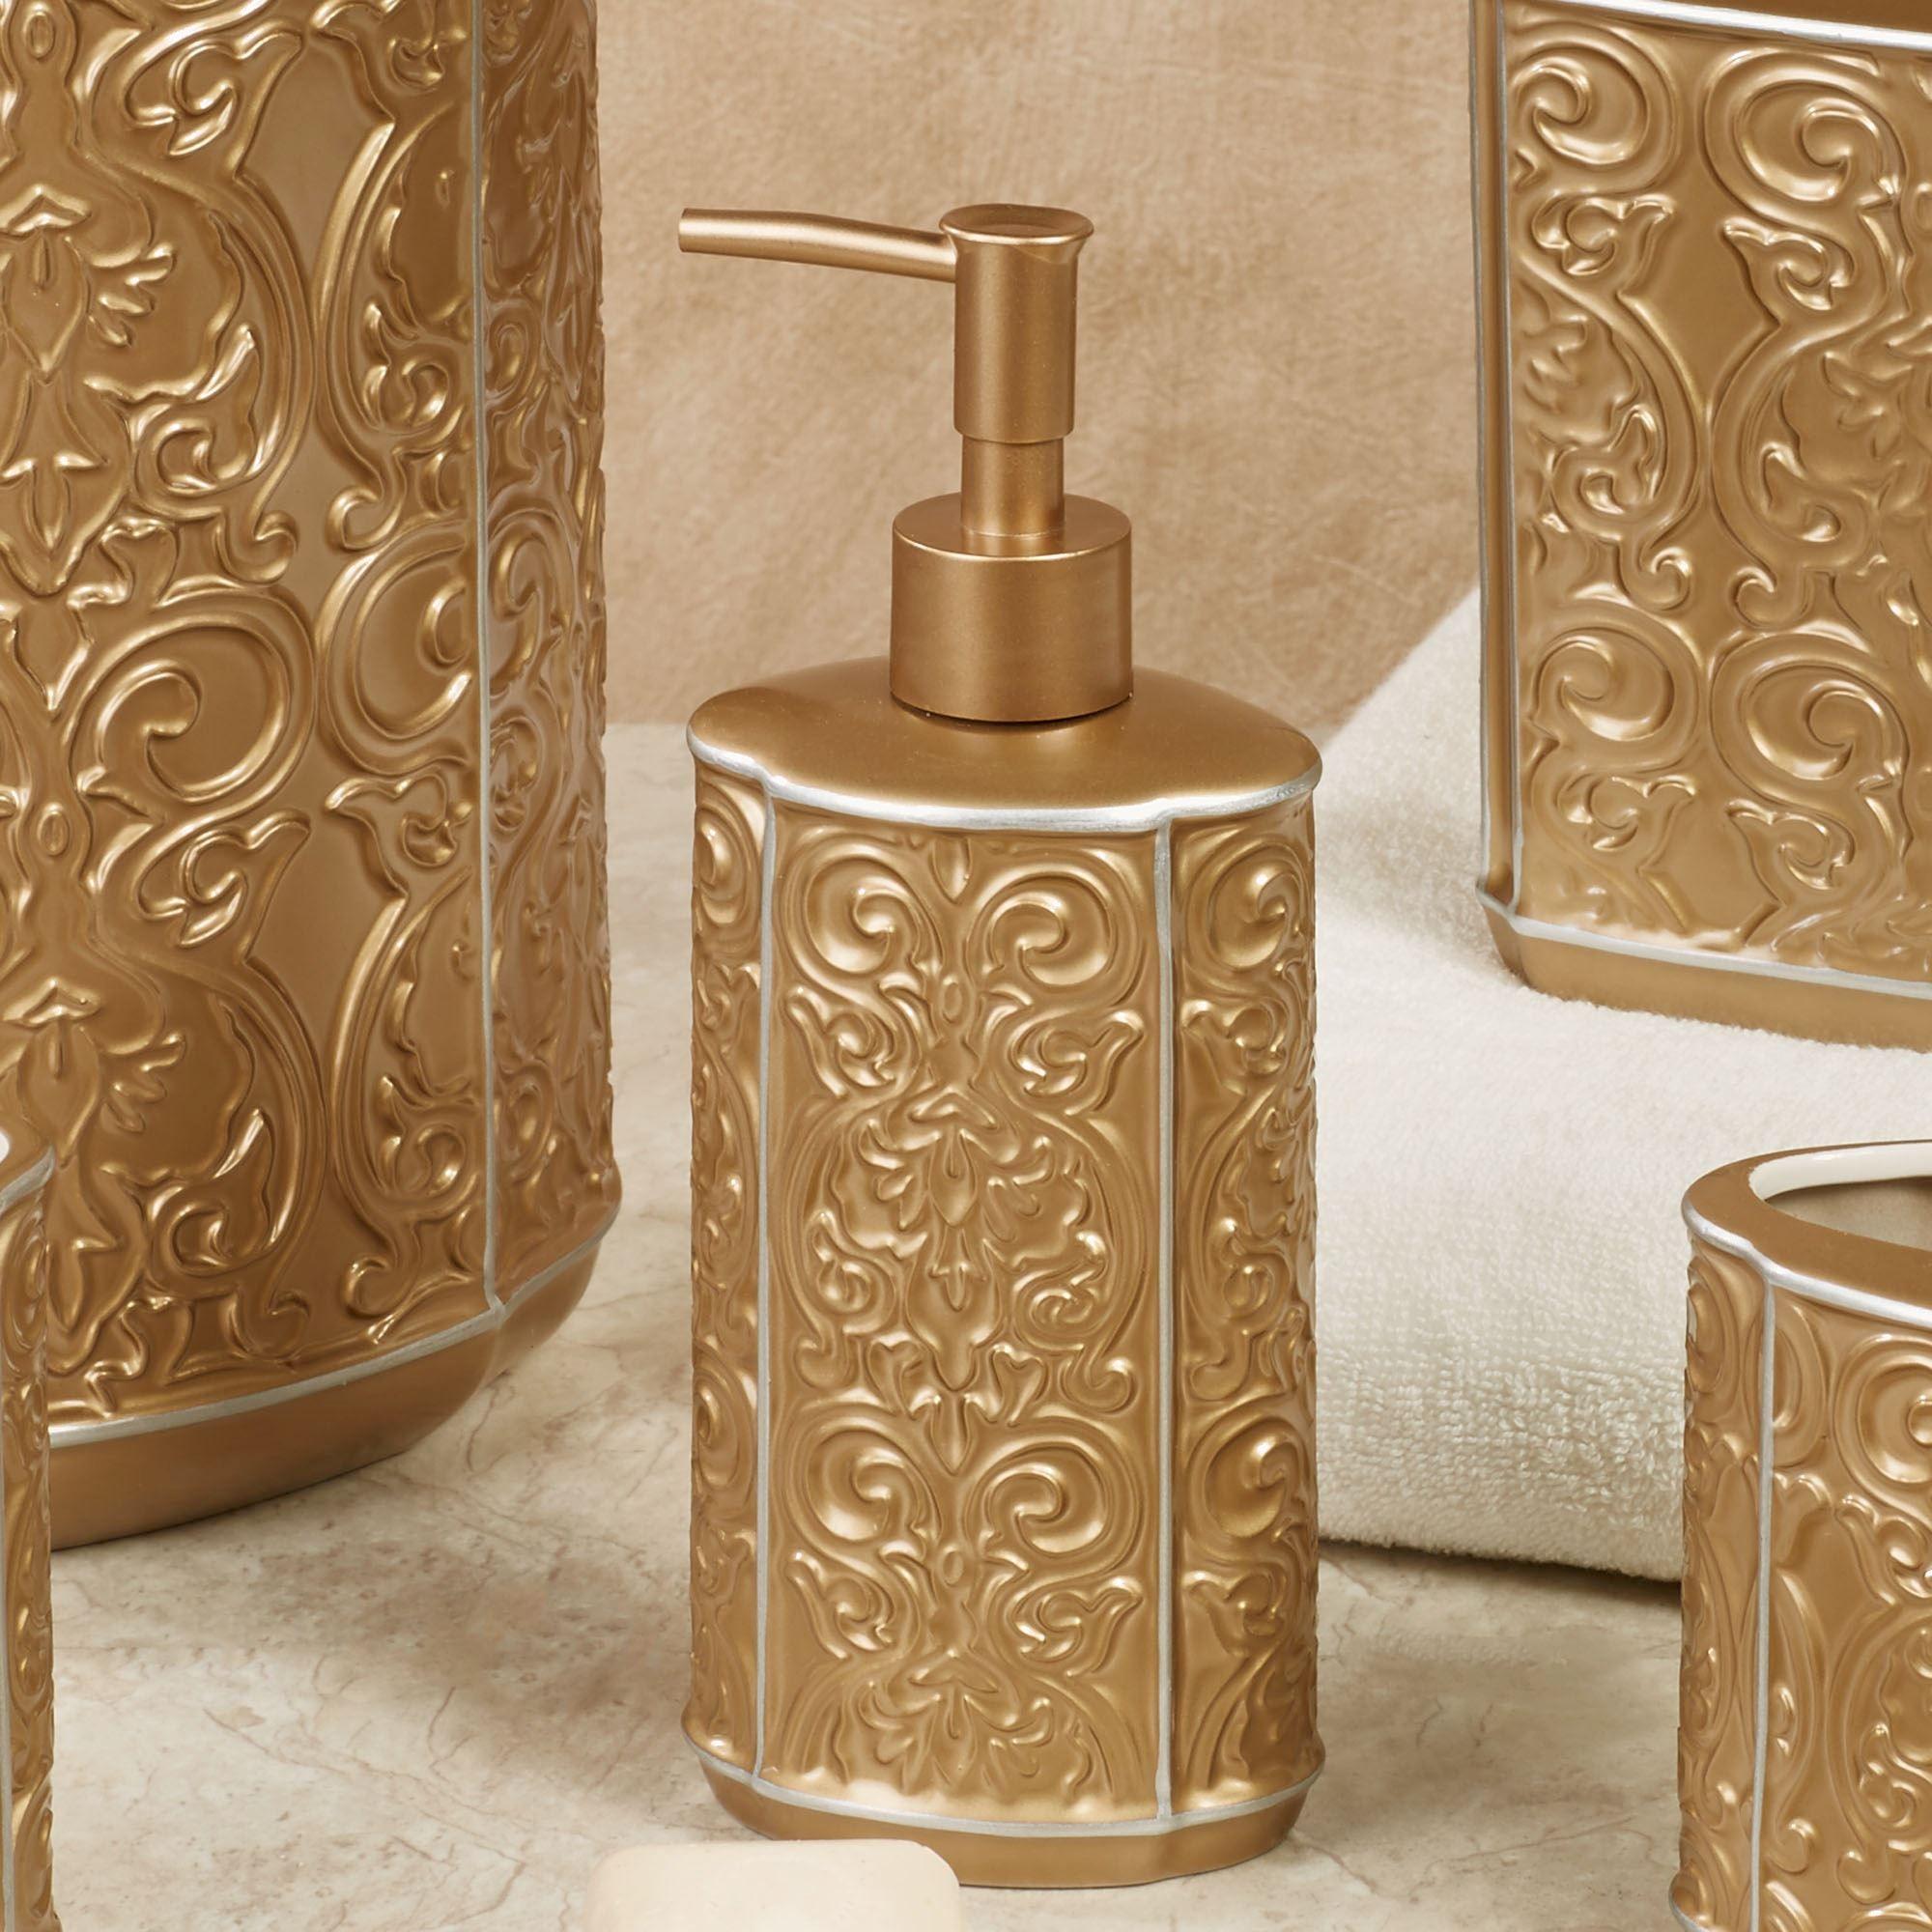 Cute Shy Destiny Bathroom Basket for Bath Cloths or Accessories